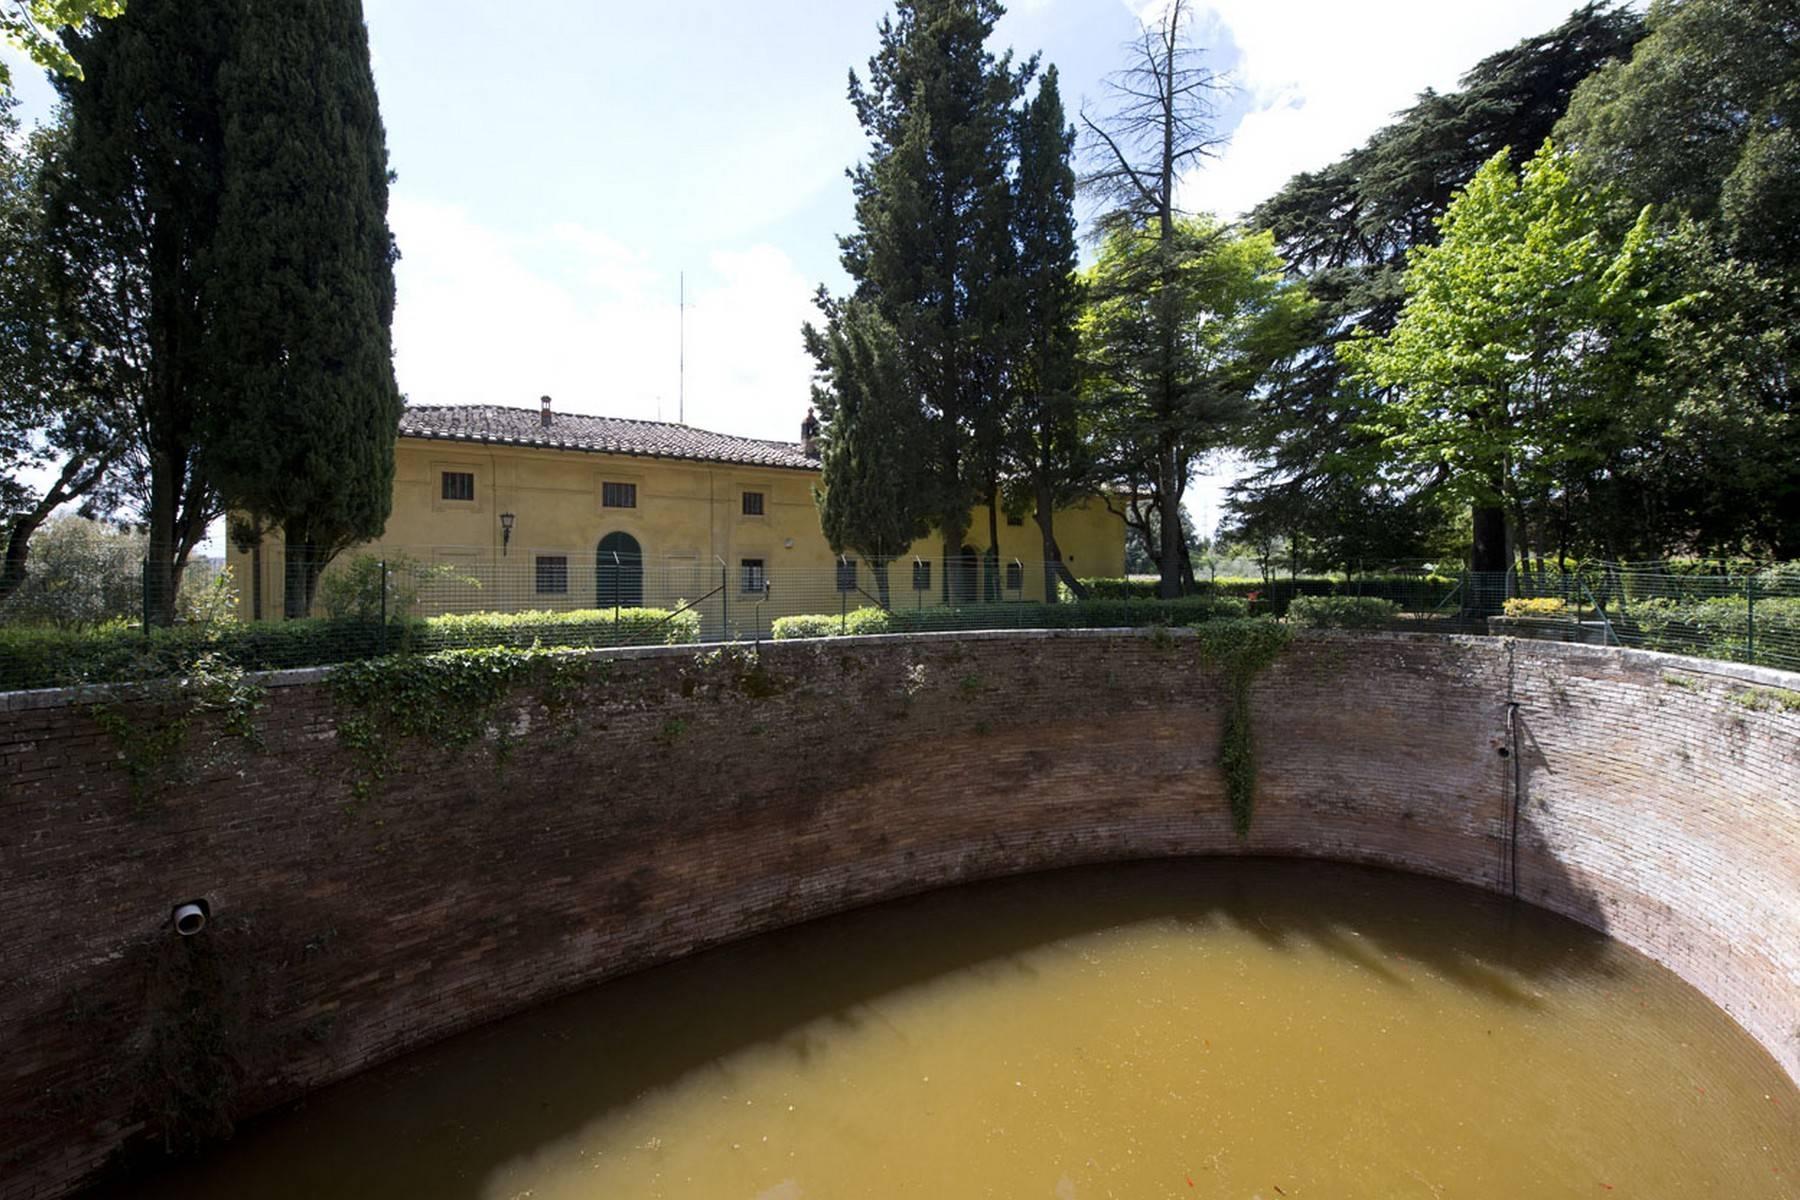 Villa aristocratique à vendre sur les collines de Sienne - 30